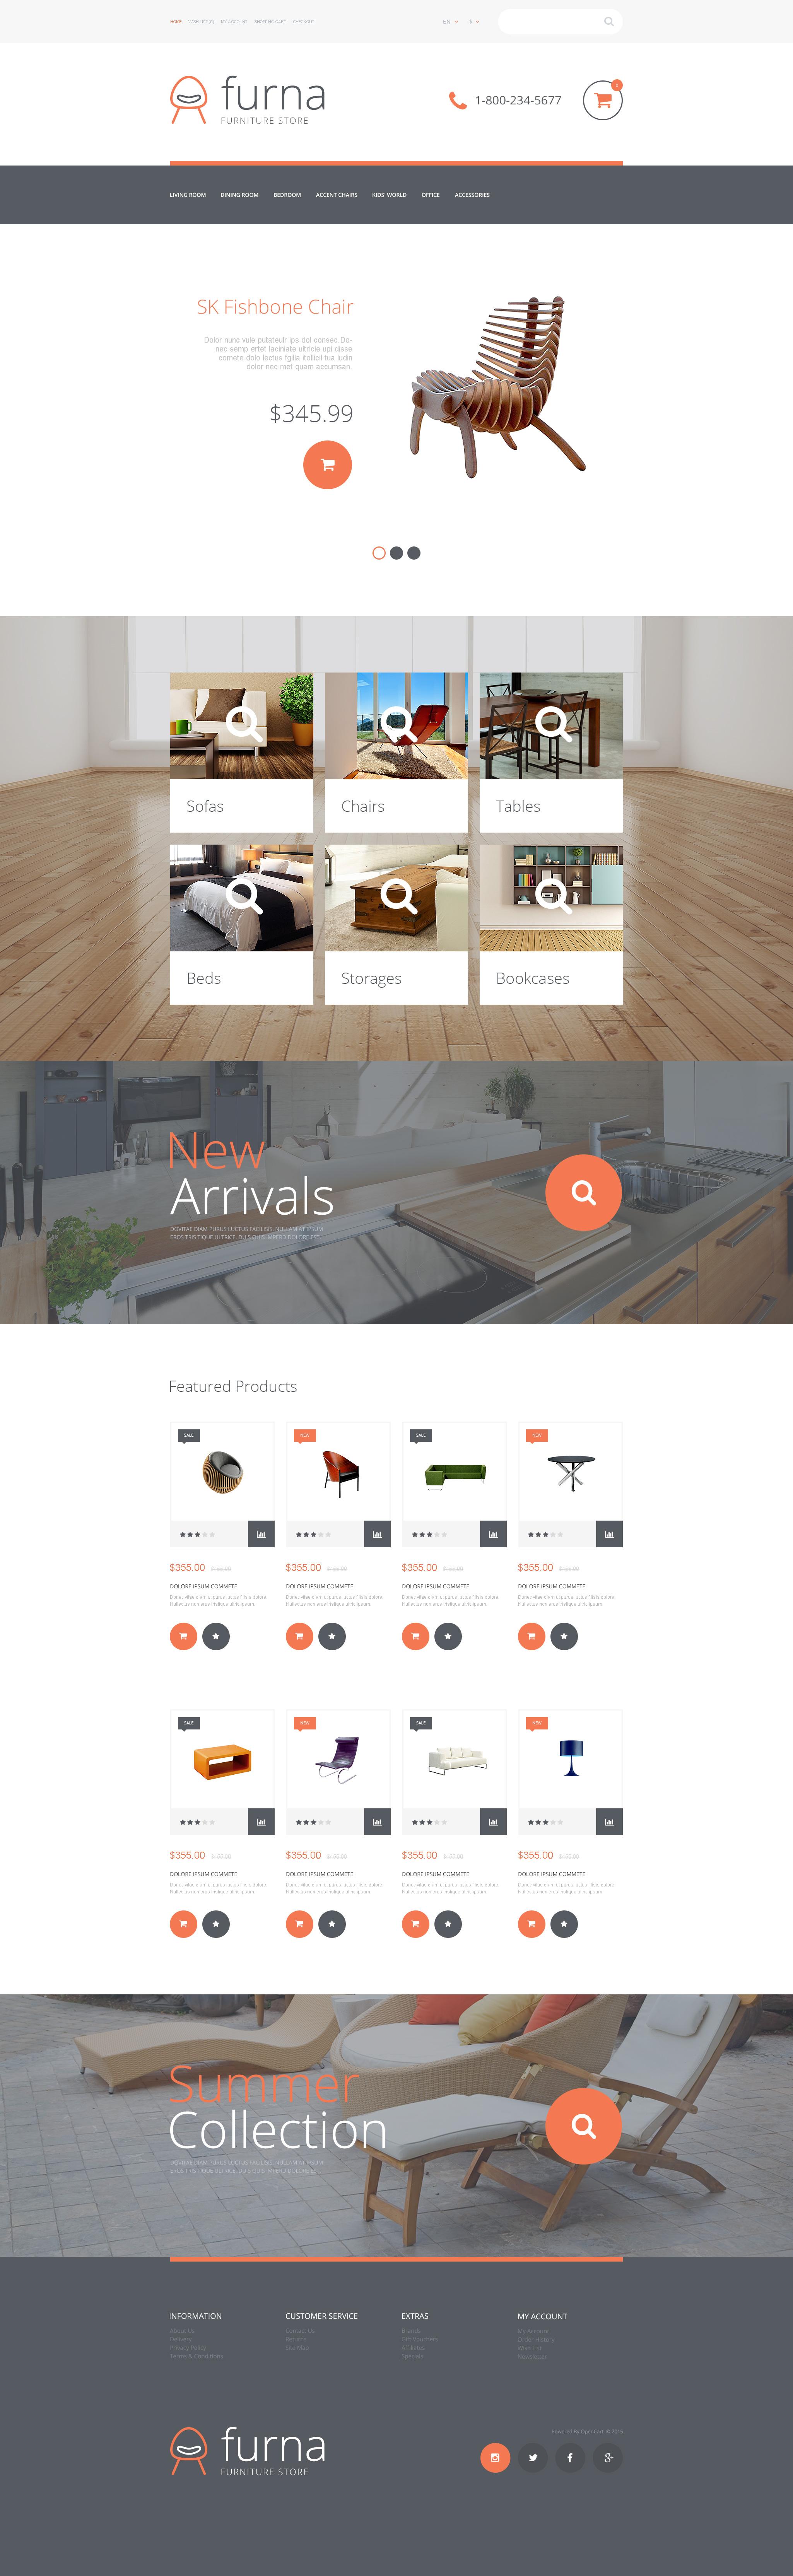 Online Dating webbplats affärs plan mall